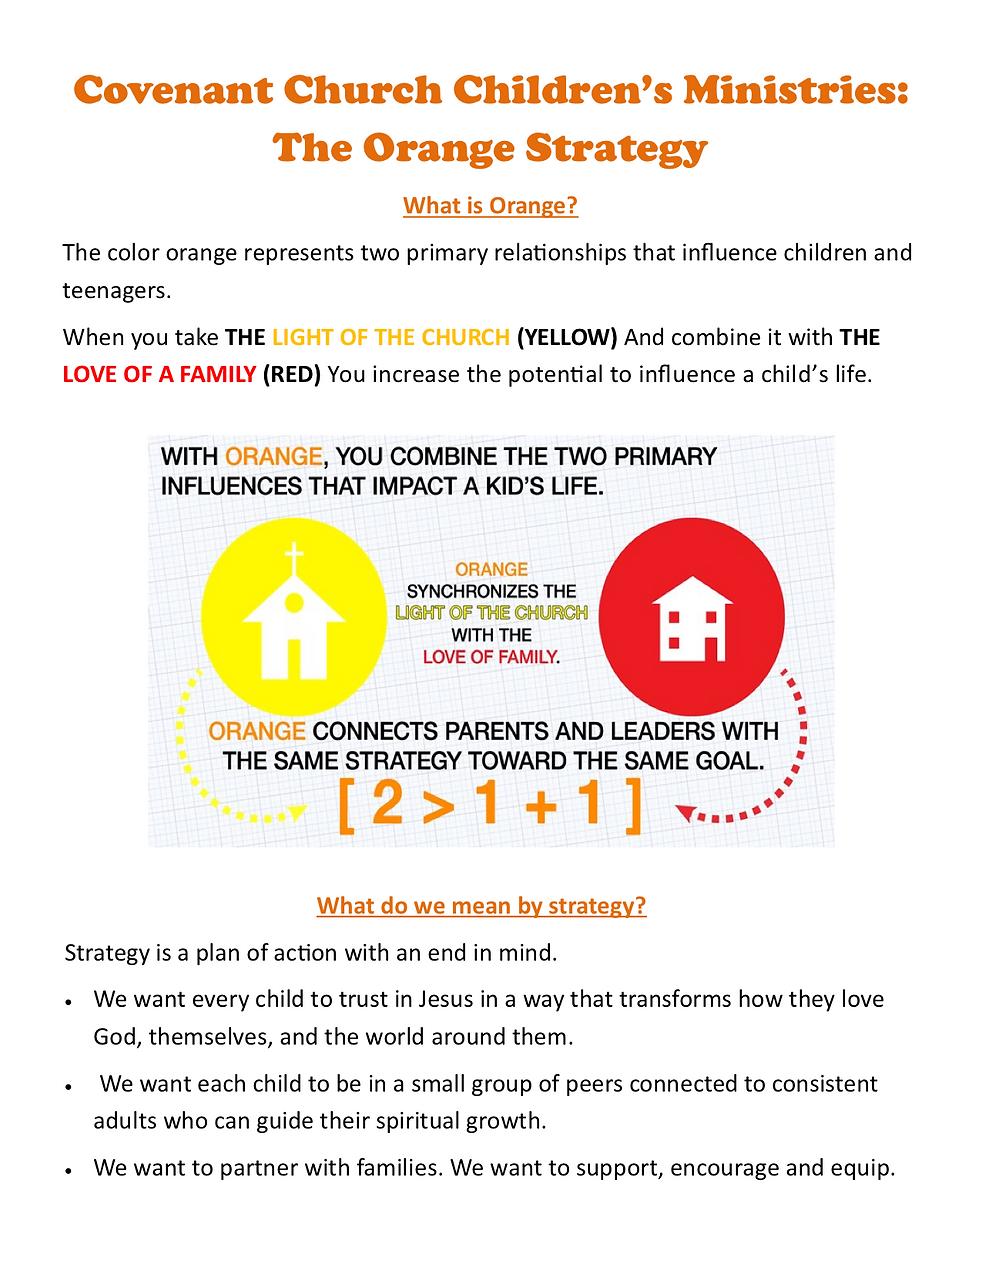 orange strategy flier.png